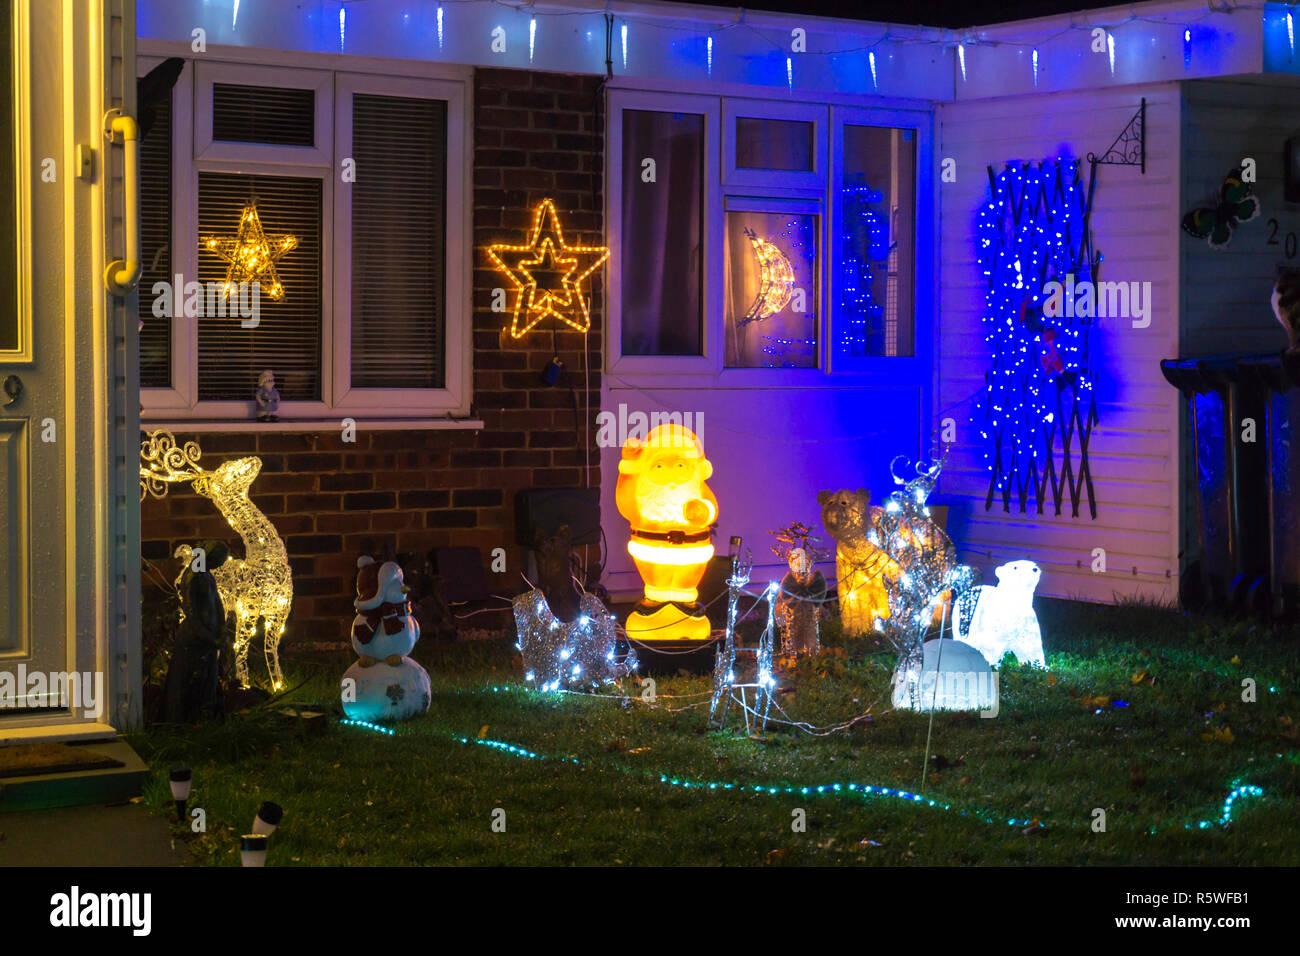 England Christmas Decorations.Christmas Decorations House England Stock Photos Christmas